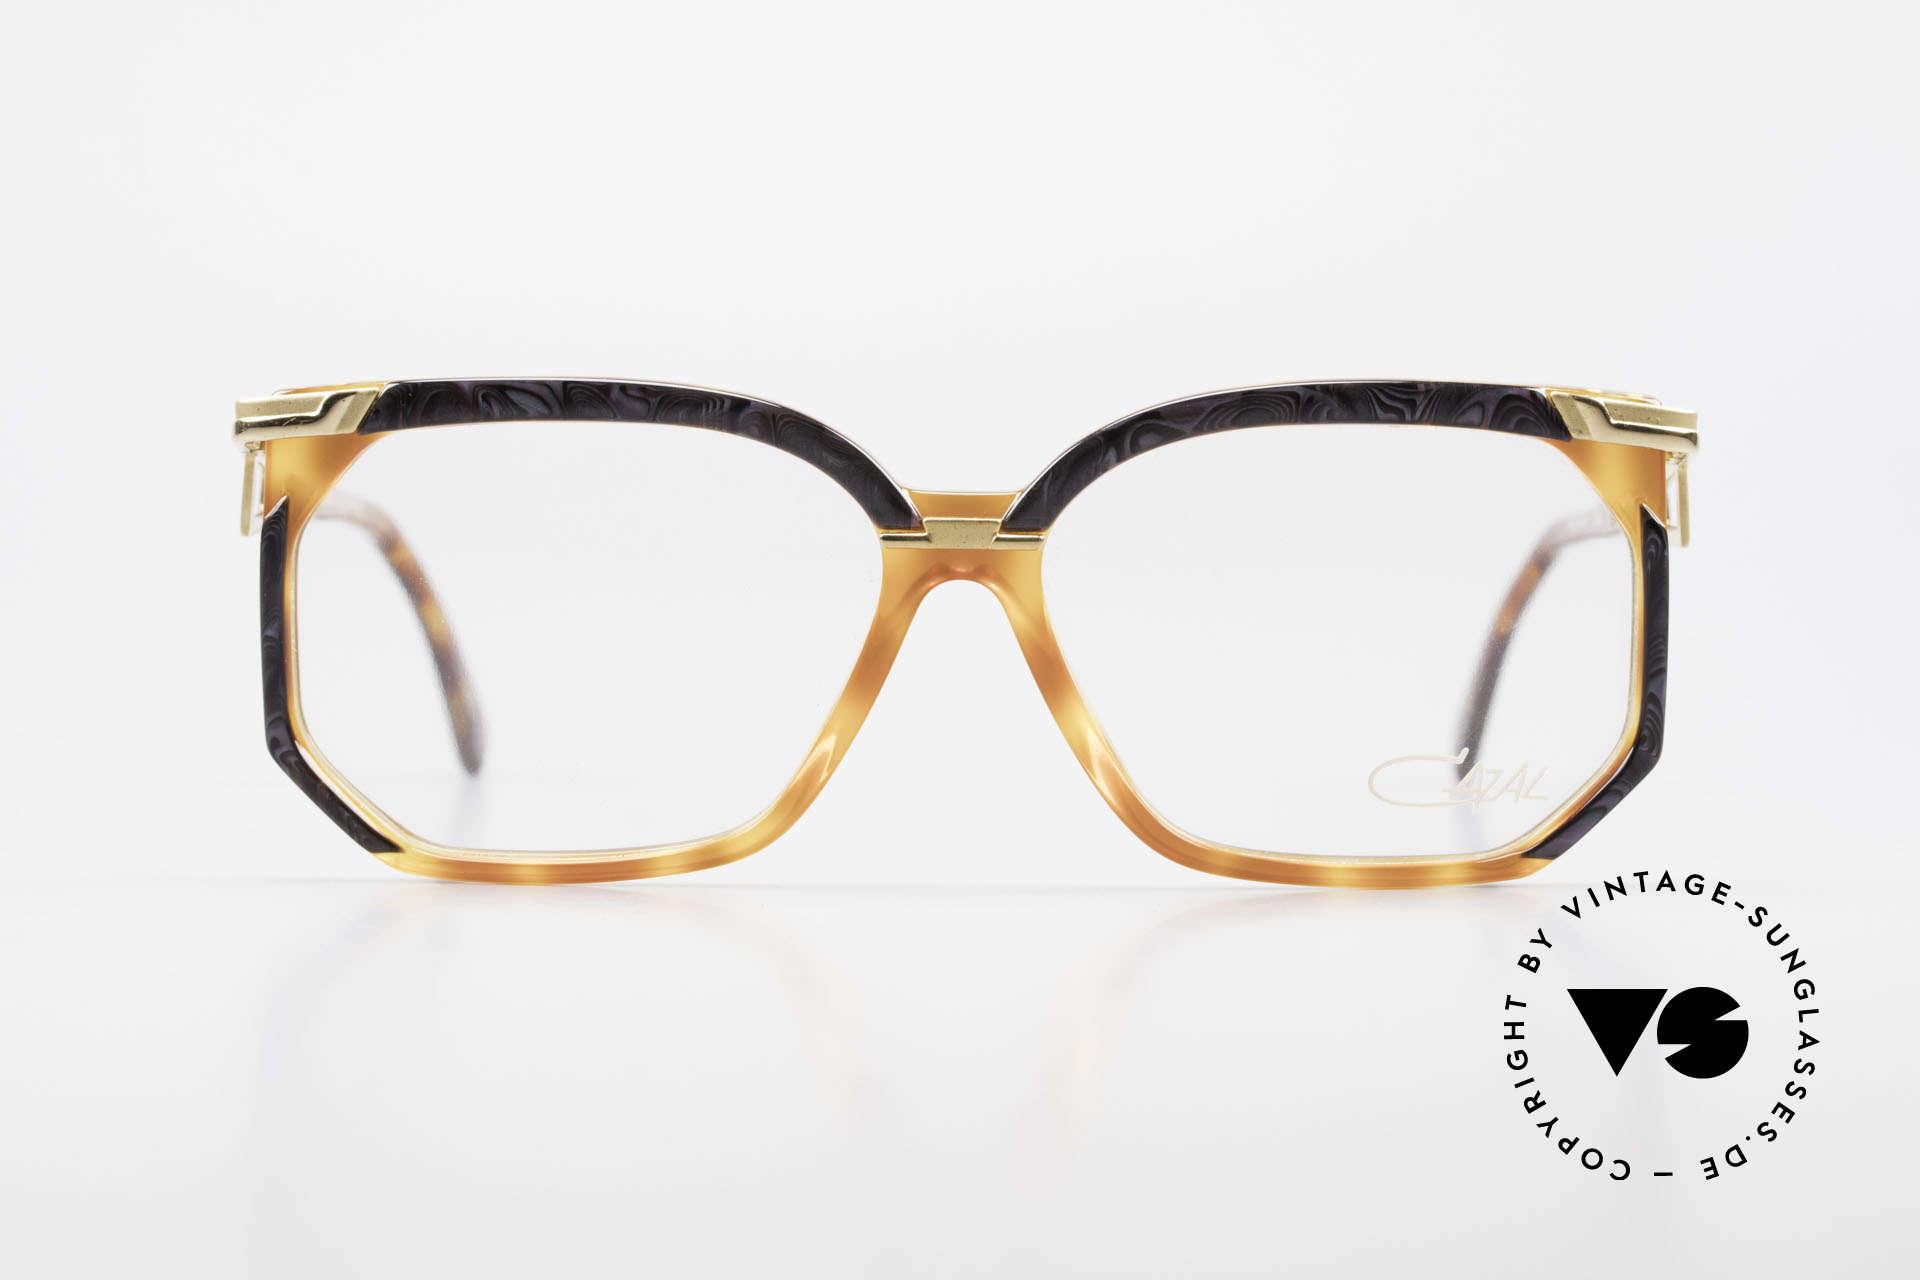 Cazal 333 Echt Vintage HipHop Brille 90s, markante Rahmengestaltung mit dezenten Farben, Passend für Herren und Damen